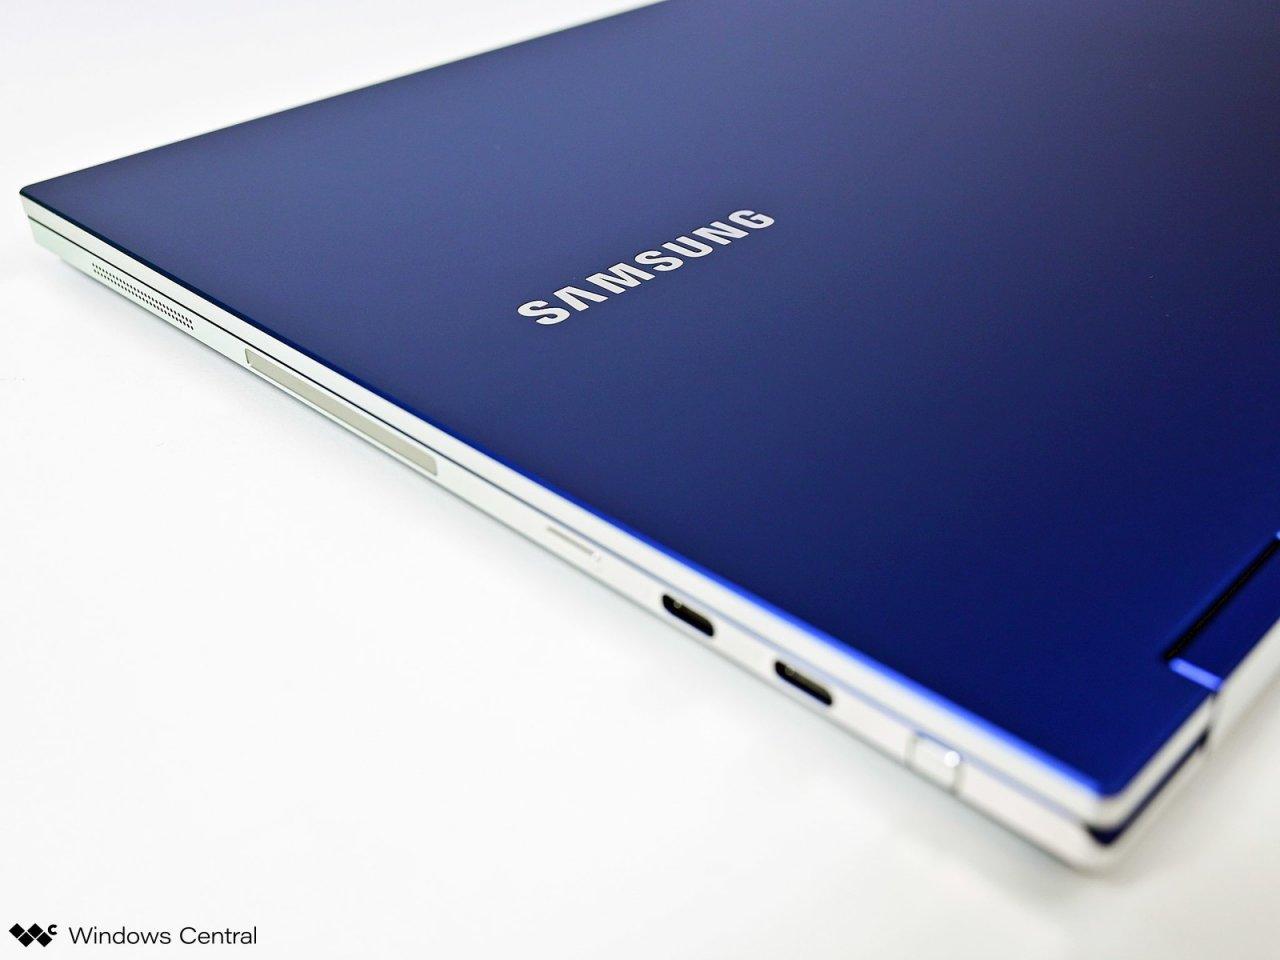 Слух: Samsung готовит Windows-ноутбук на базе процессора Exynos с графикой AMD